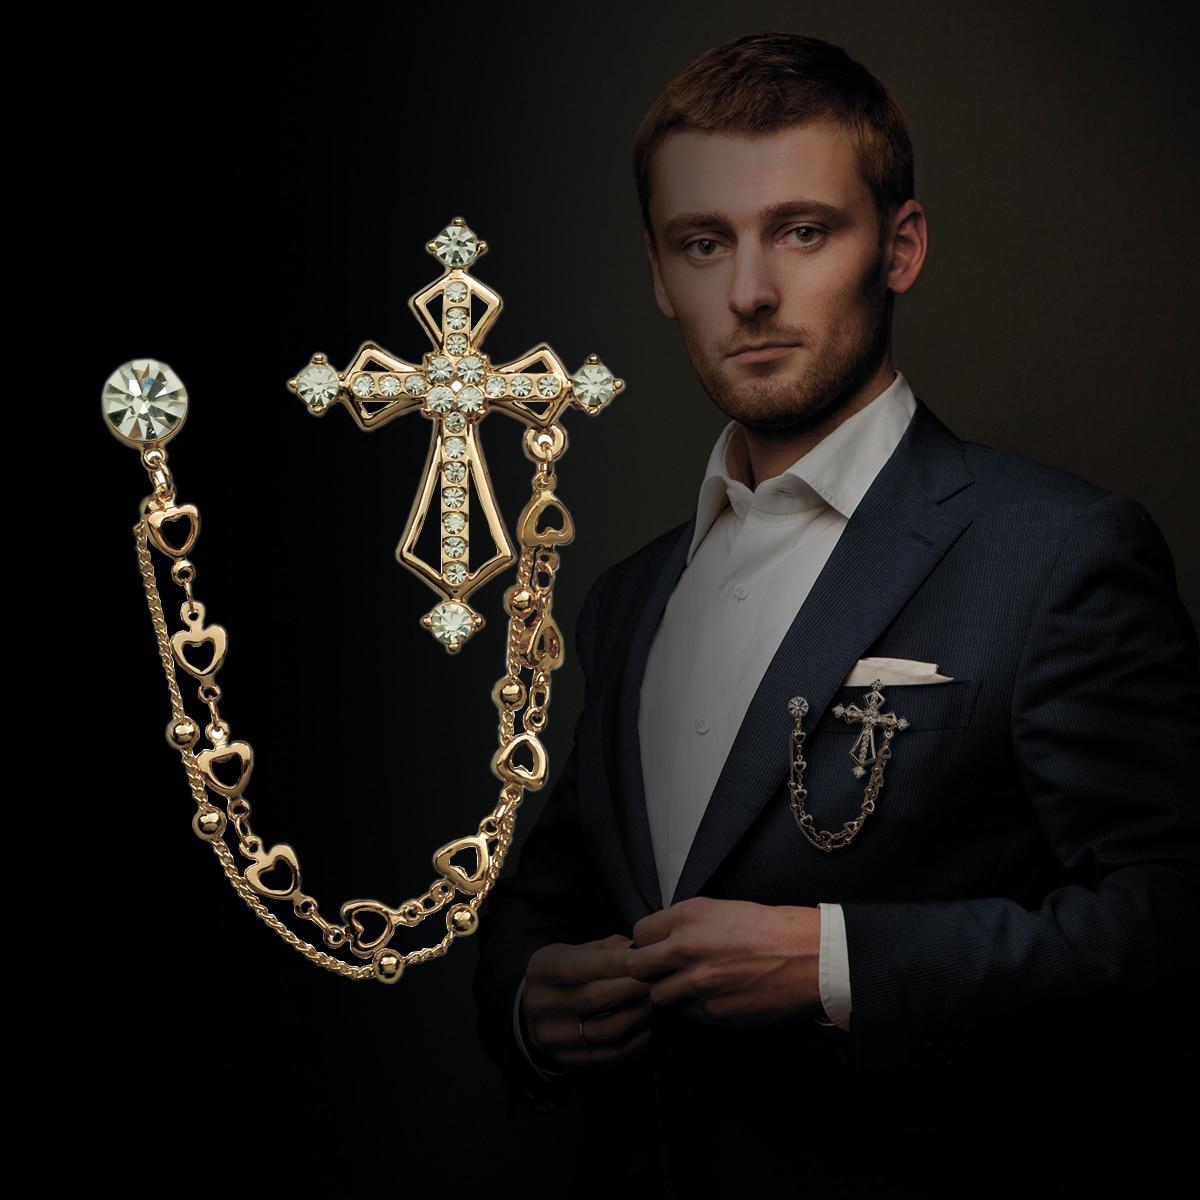 Broche cruzado de cristal de estilo británico de alta gama, de doble cadena Pin de solapa y broches, insignia para traje, accesorios para Cuello de camisa